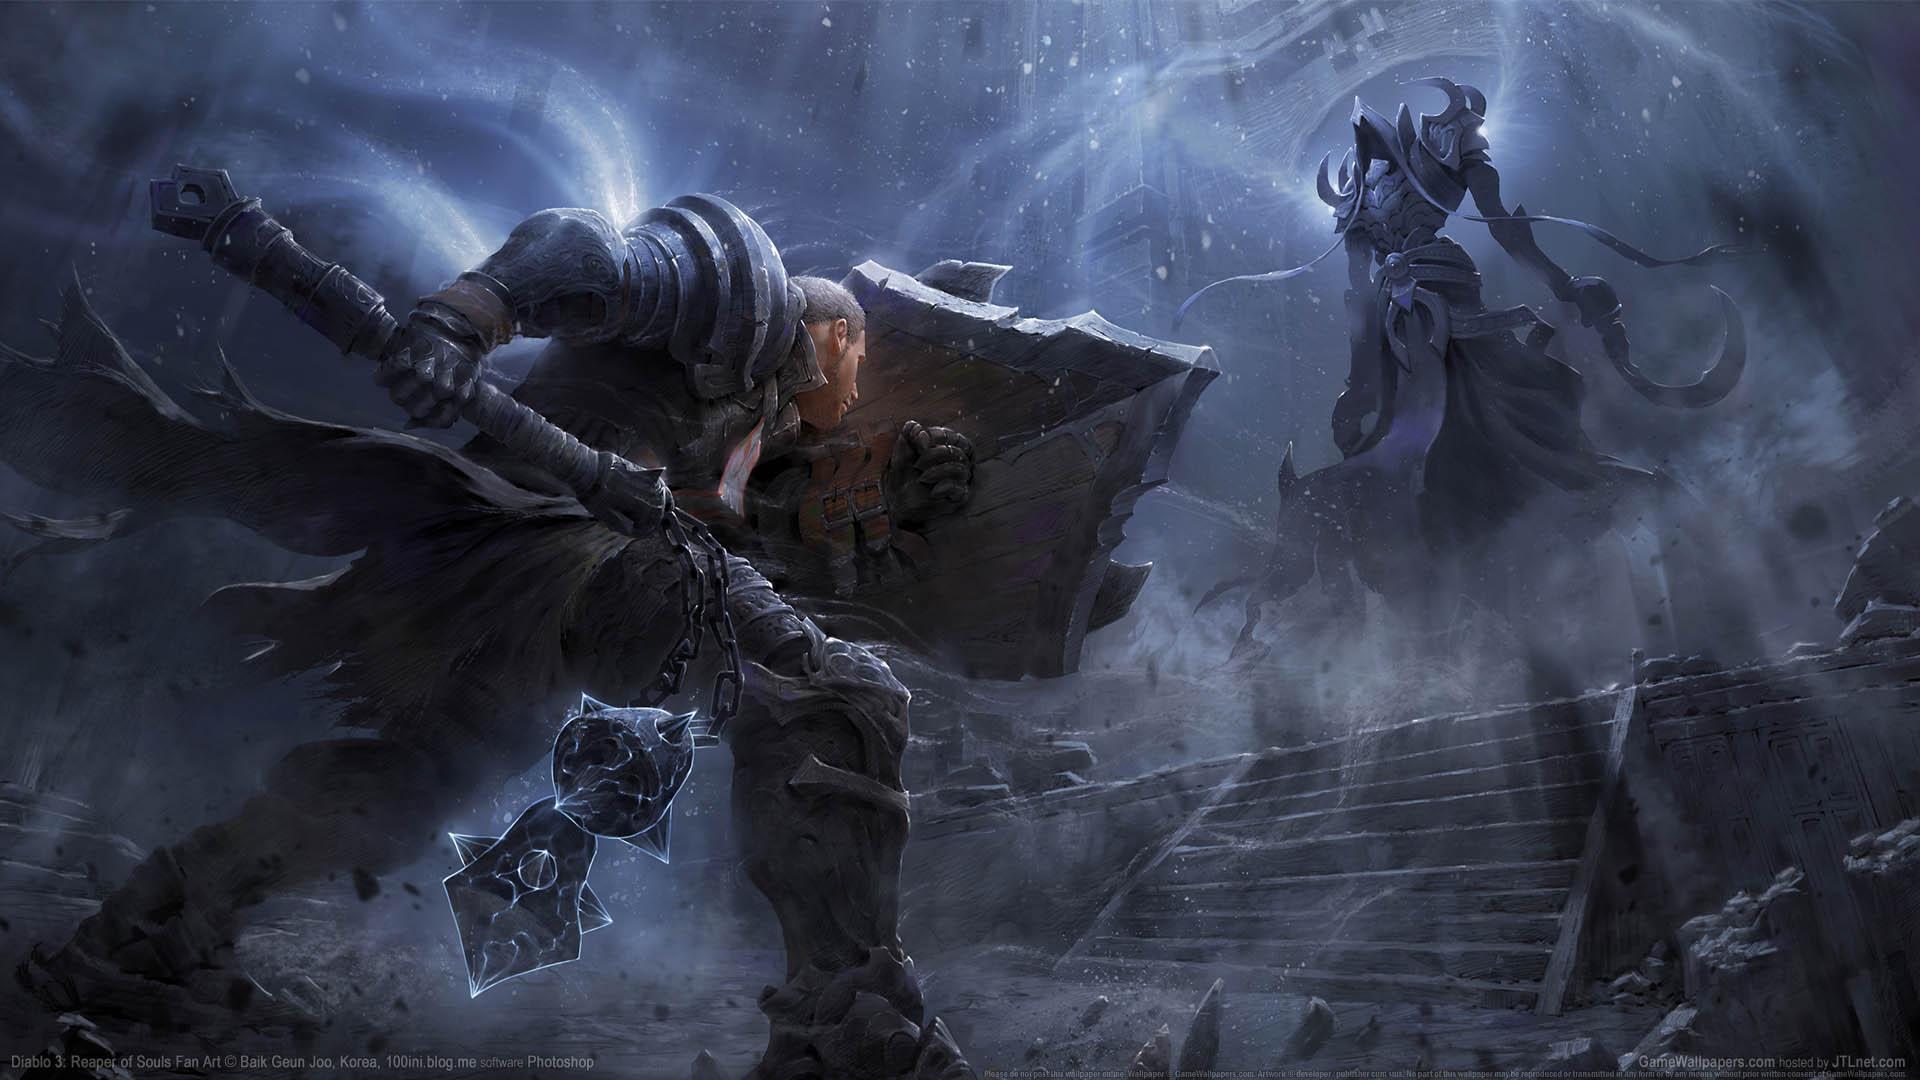 Diablo-Reaper-of-Souls-Fan-Art-1920x1080-wallpaper-wp3404650